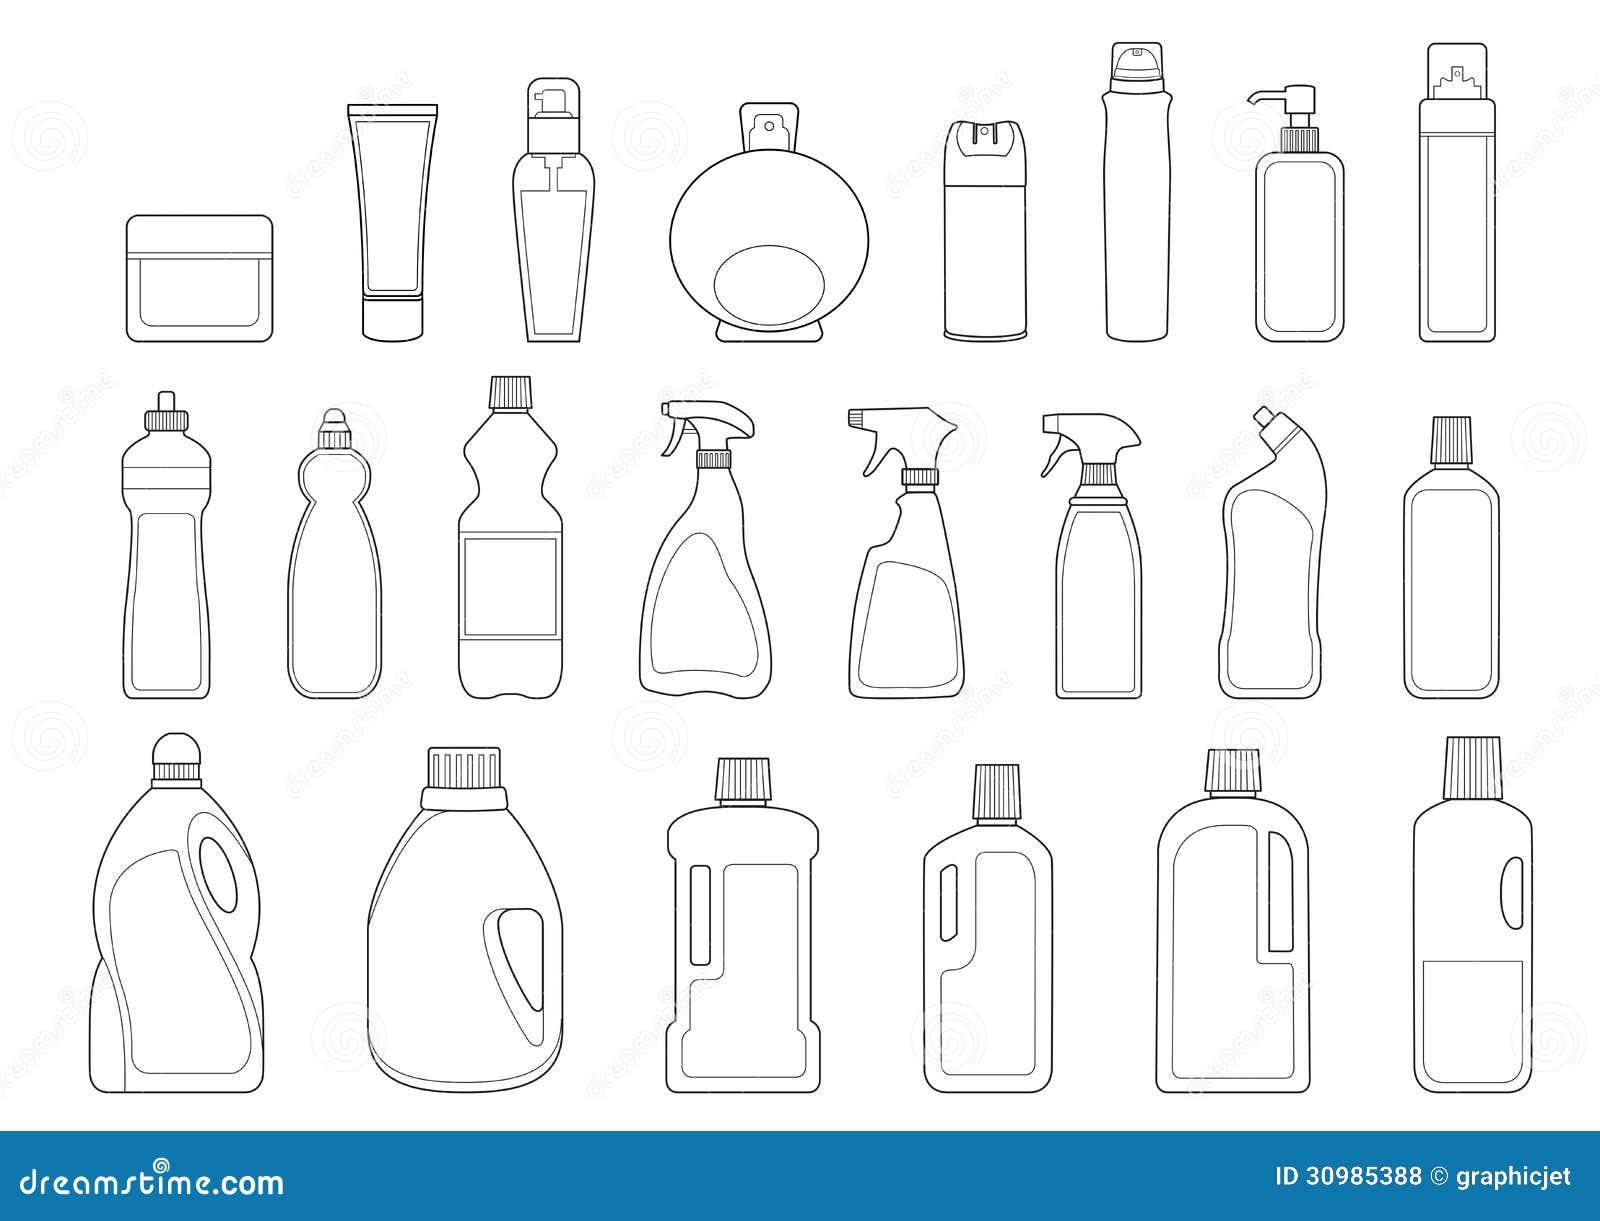 Toiletries Bottles Icon Set Royalty Free Stock Photos